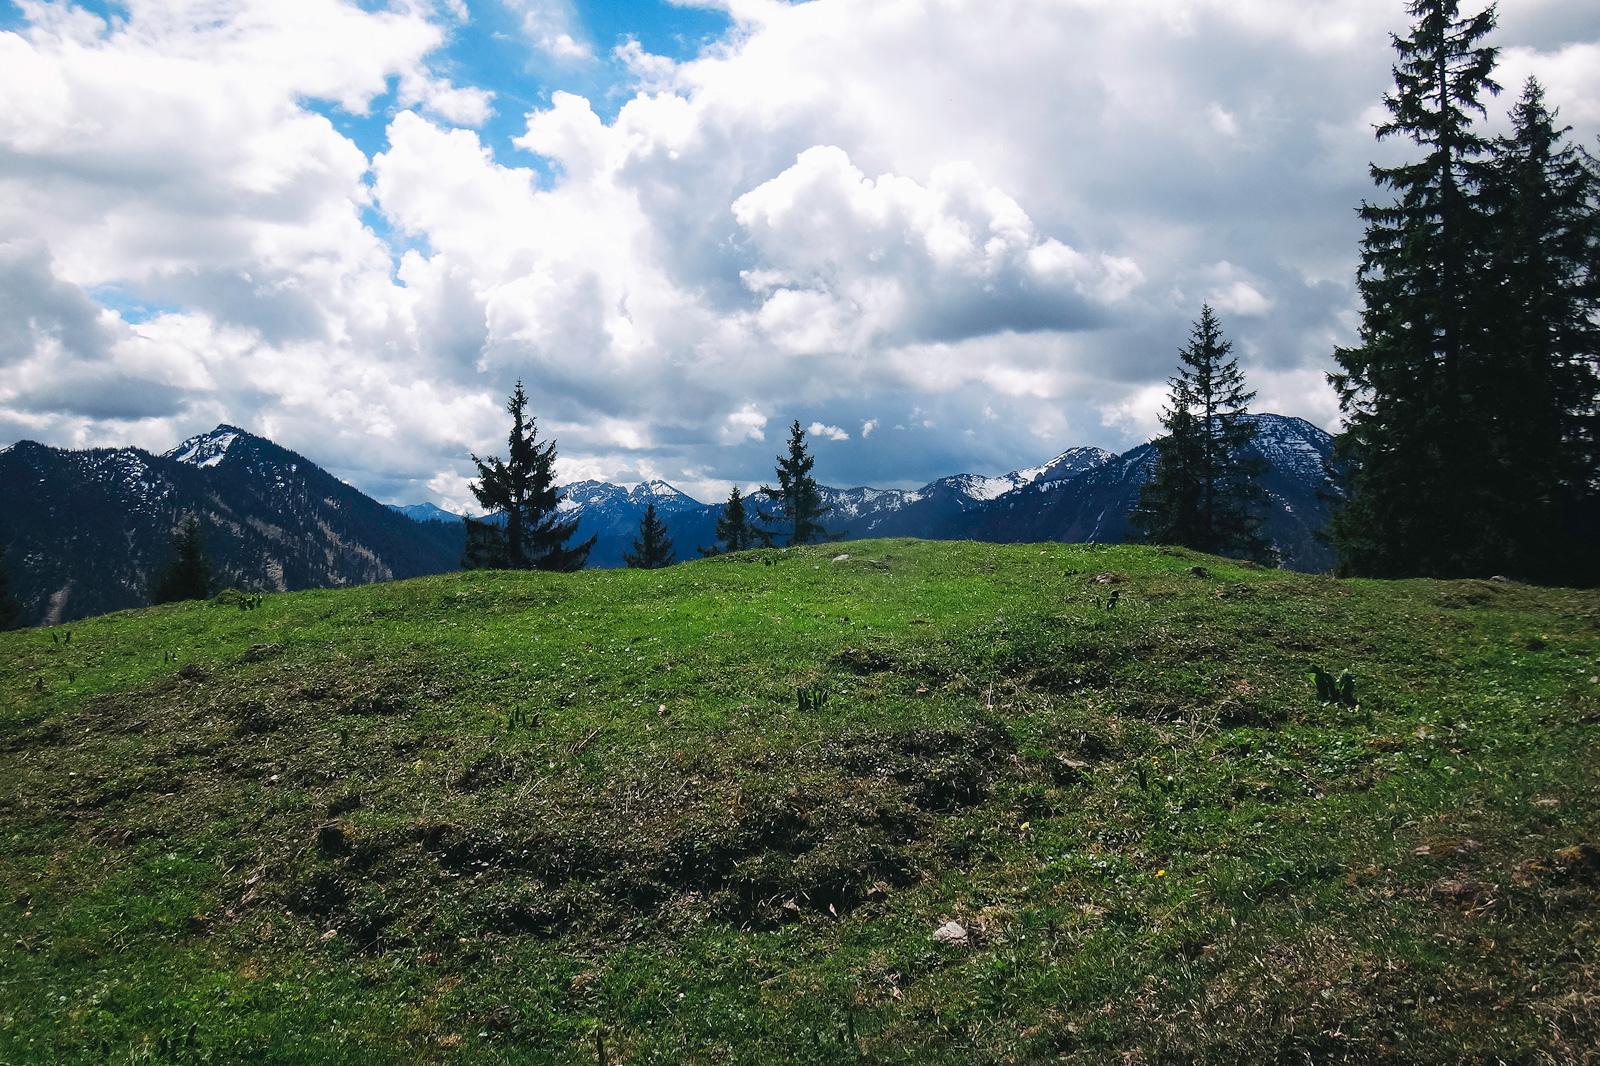 Alpenpanorama auf dem Weg zur Baumgartenschneid